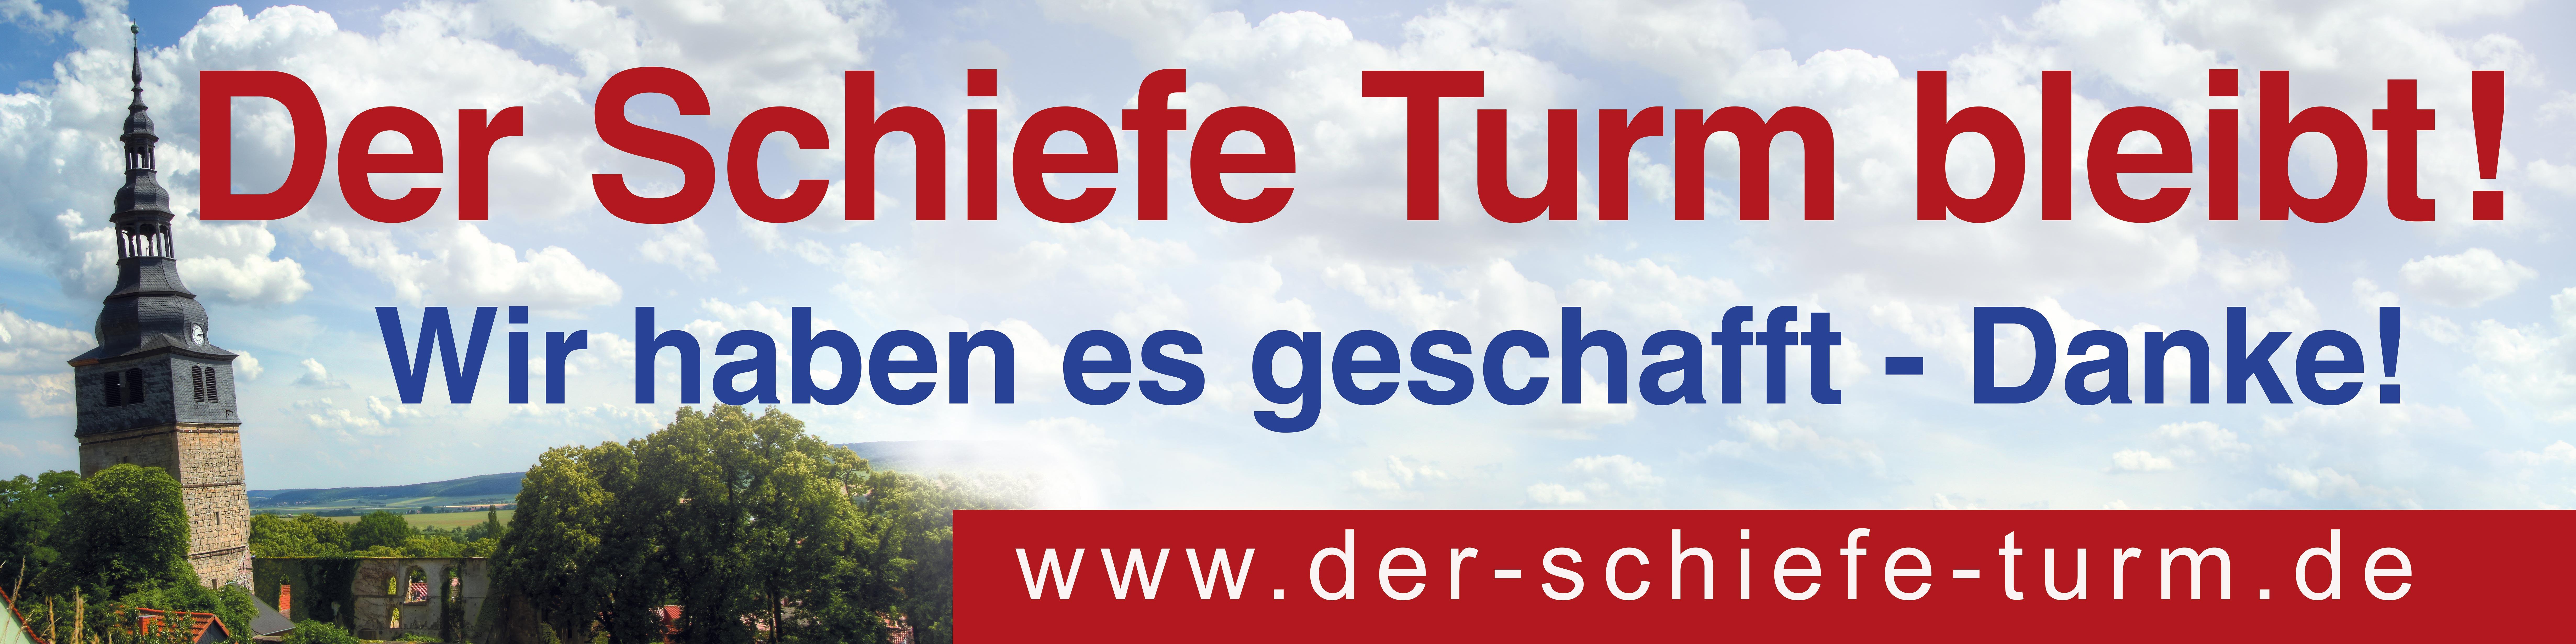 Der Schiefe Turm von Bad Frankenhausen ist gerettet